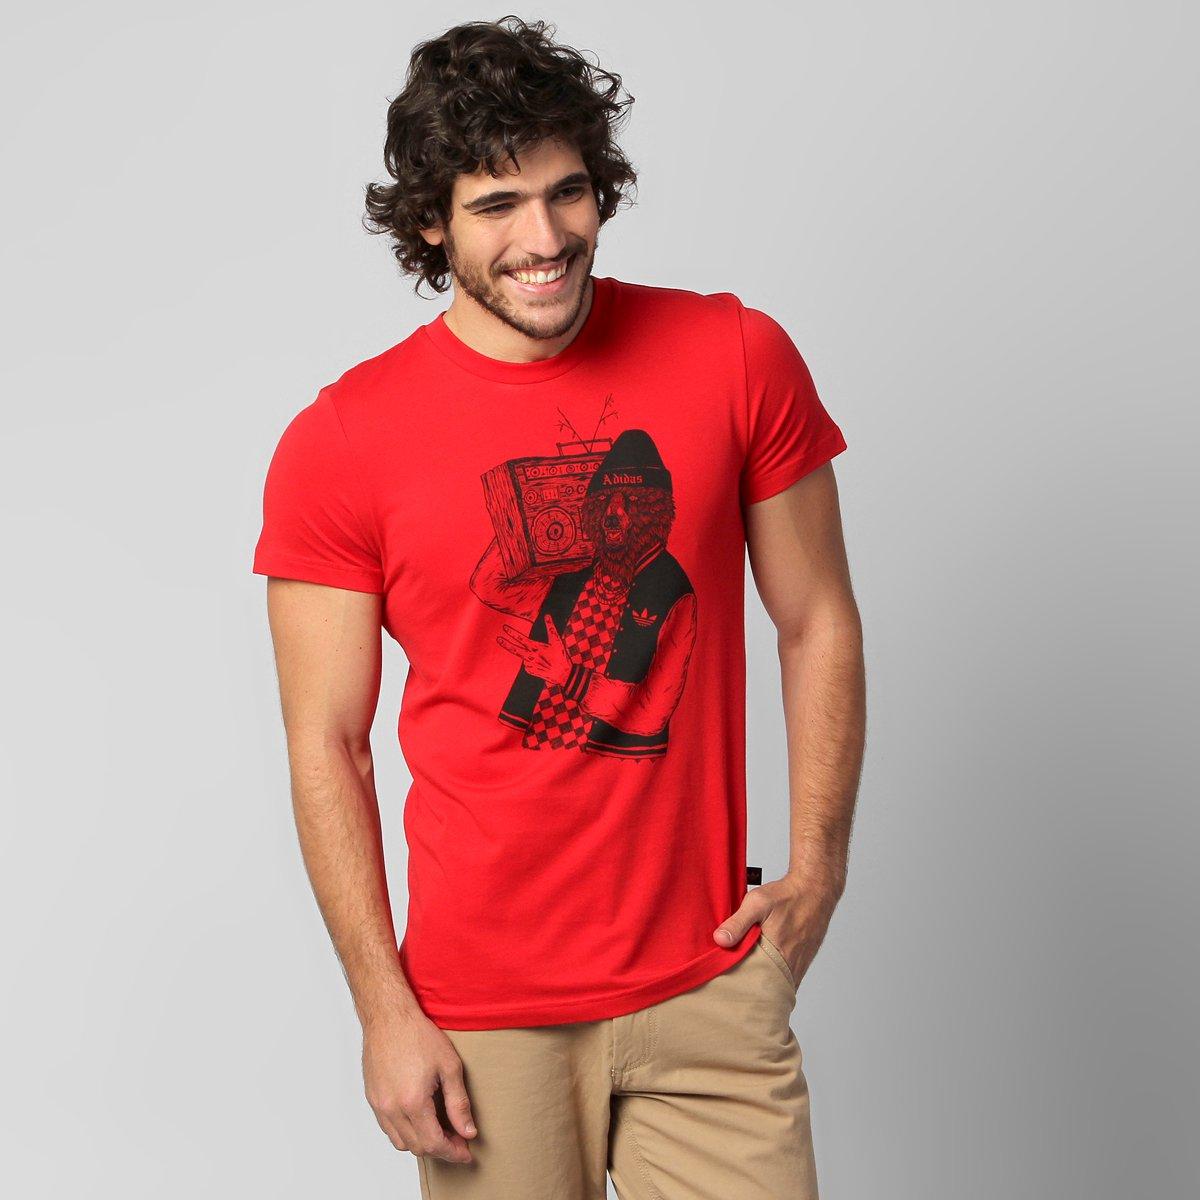 349adc28a Camiseta Adidas Originals Bear - Compre Agora   Zattini